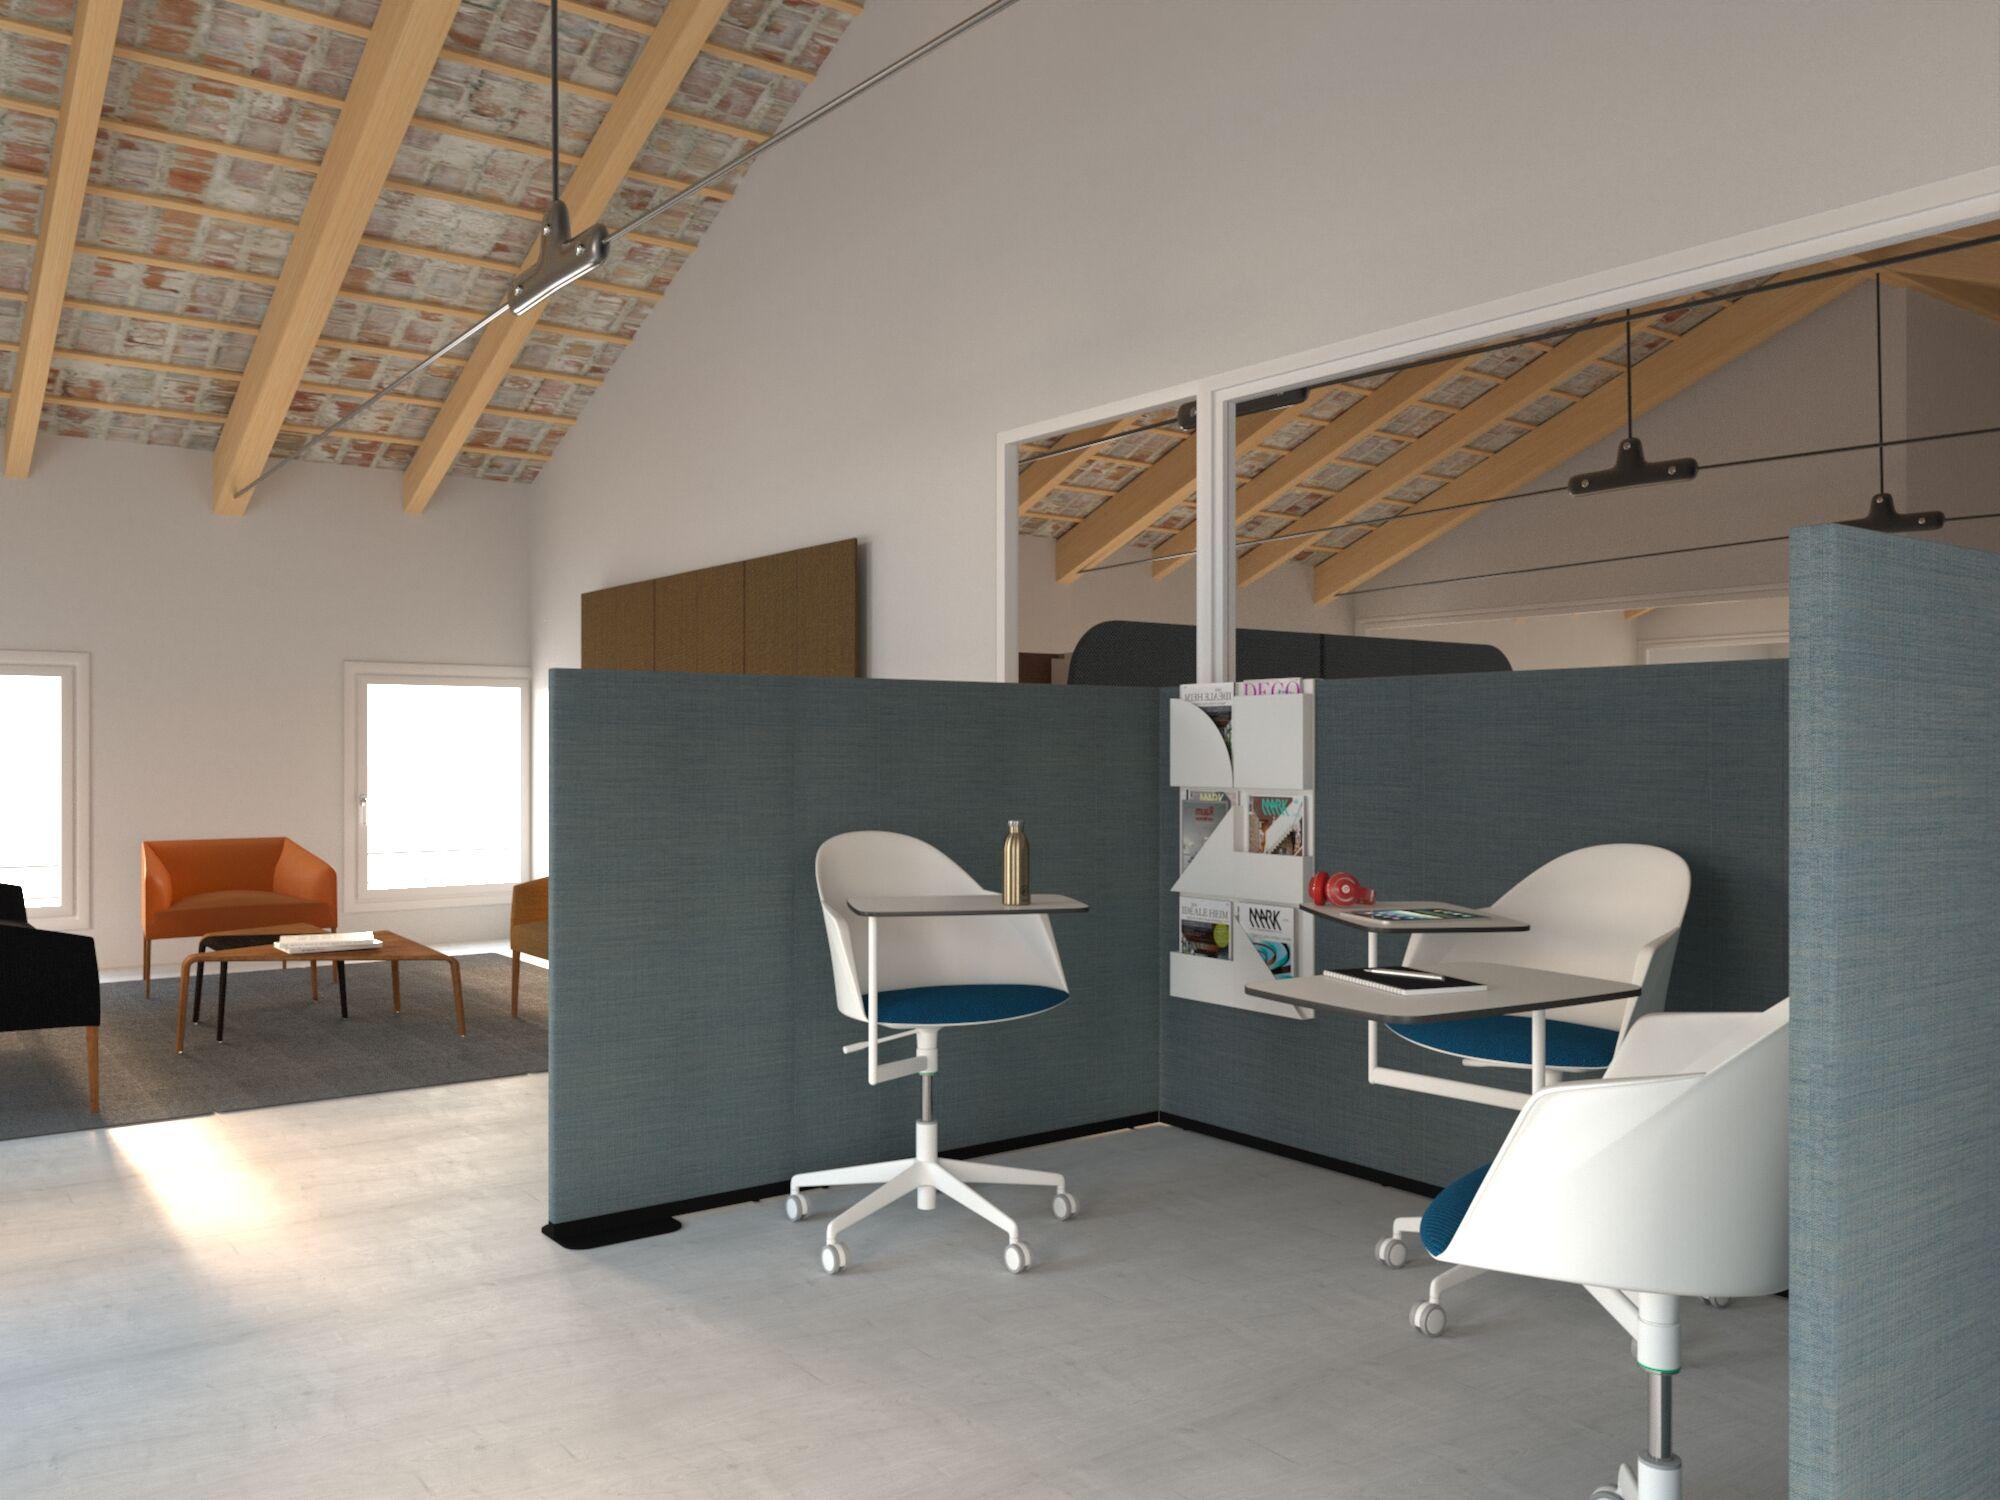 After_Meeting Room.jpg